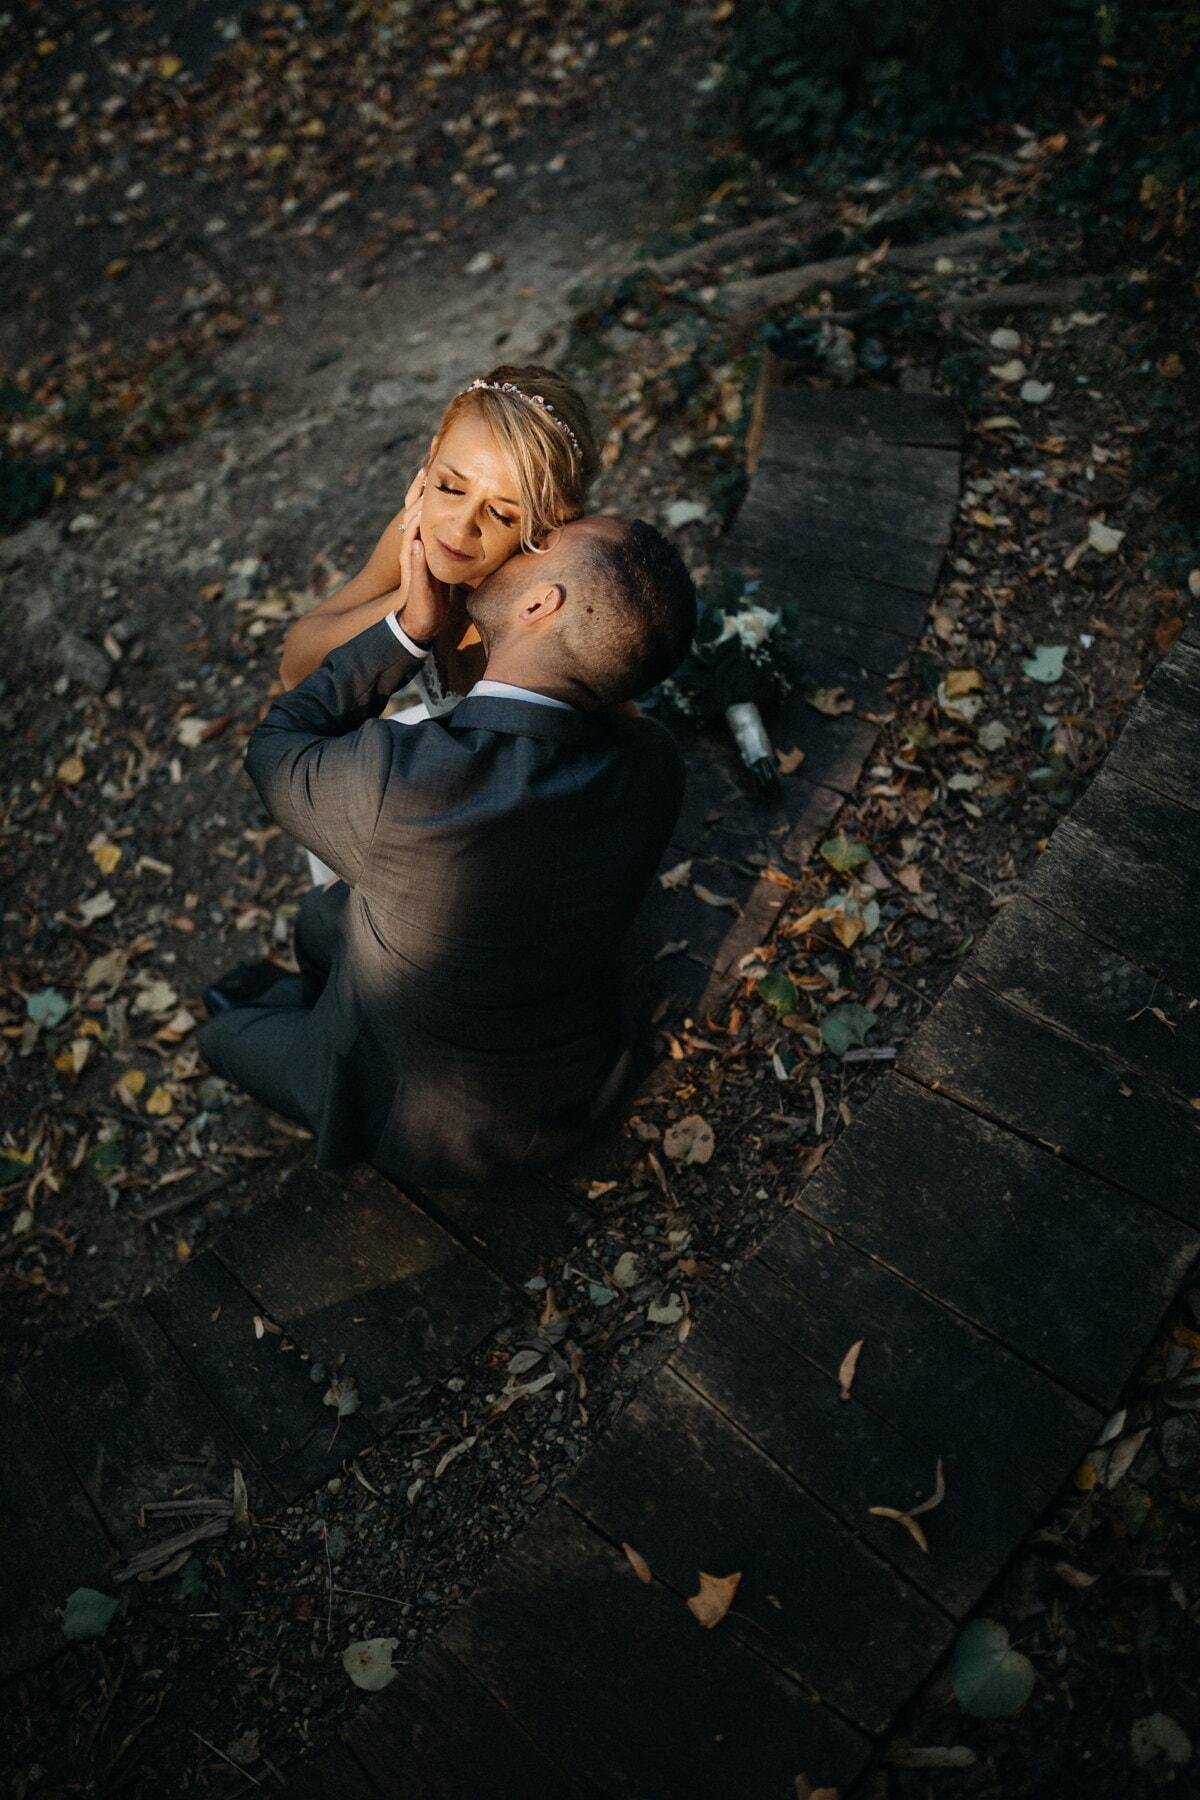 Liebesbeziehung, Gentleman, Liebhaber, Hals, Kuss, Zärtlichkeit, Zuneigung, Menschen, Mädchen, Porträt